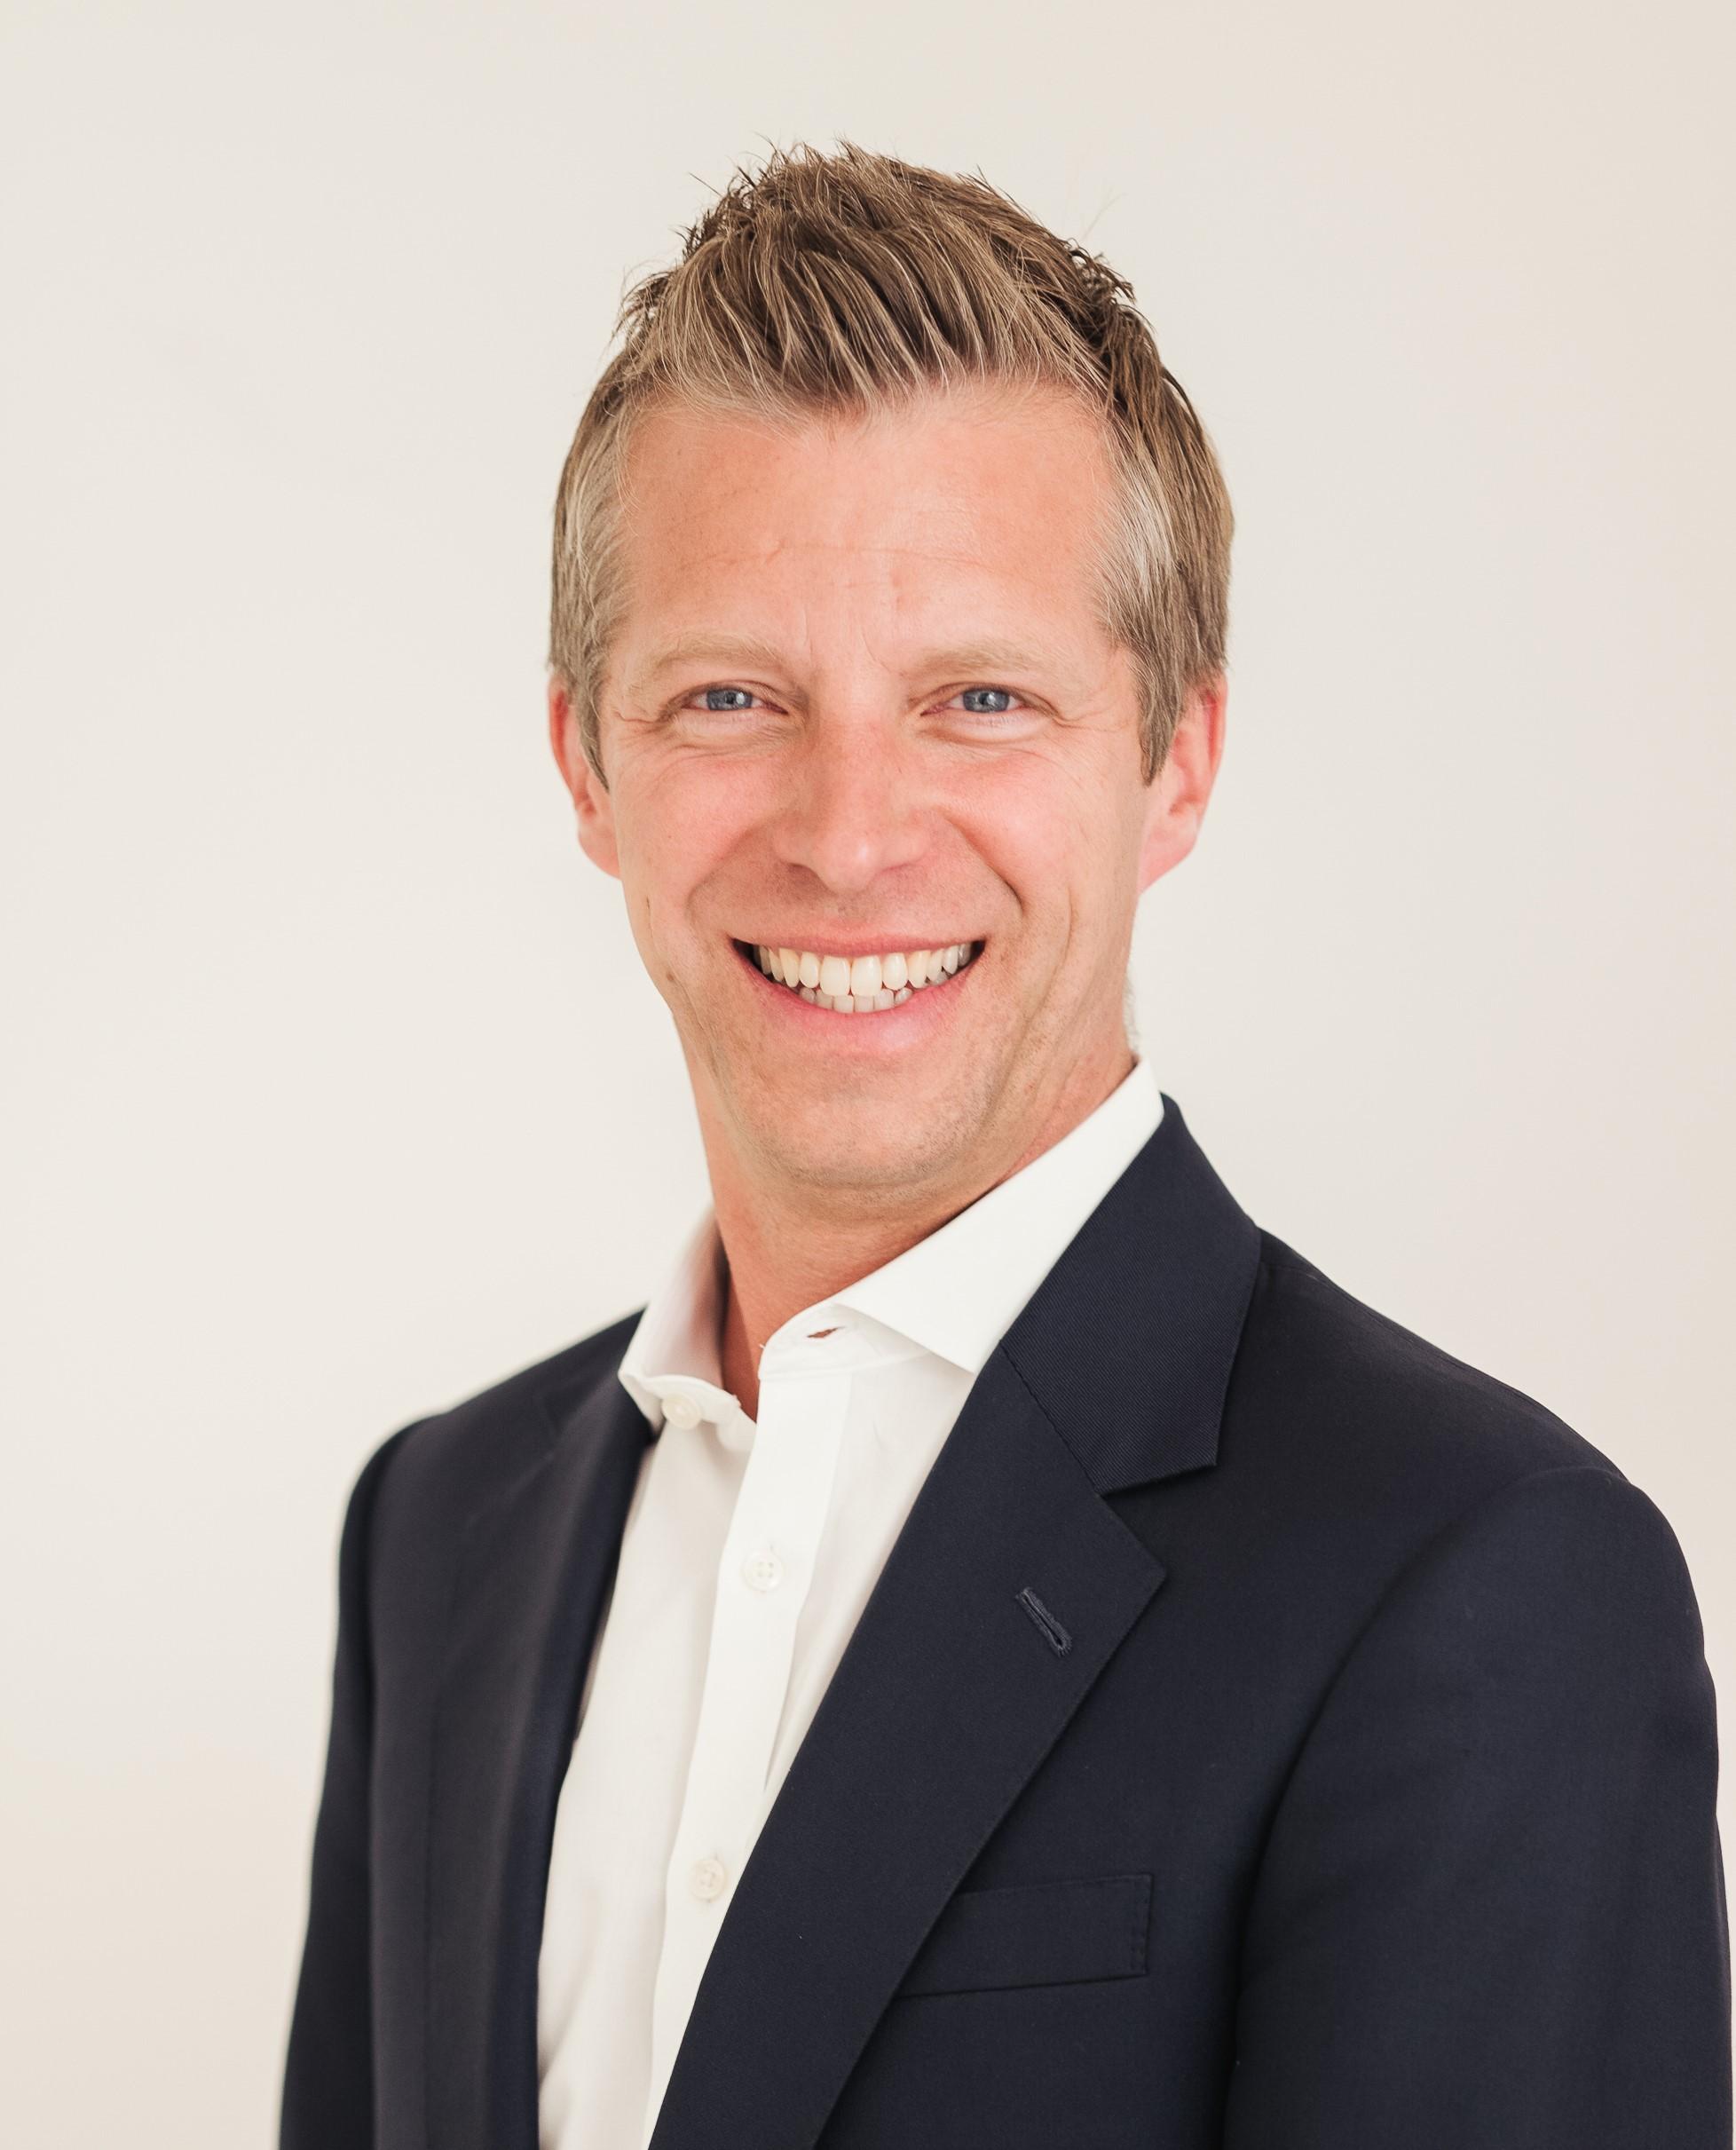 Christian Mueller-Gorman